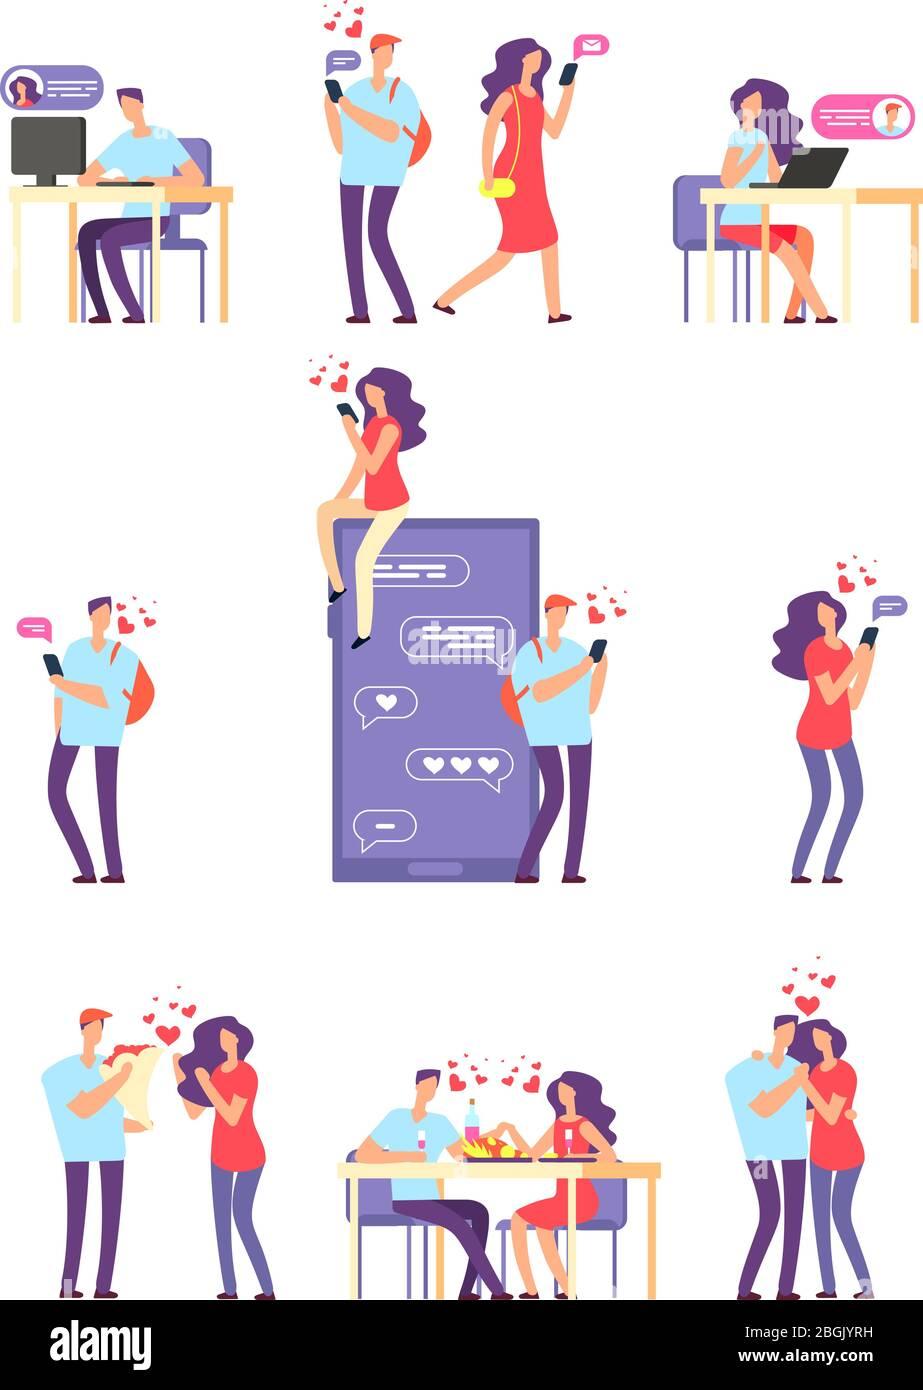 Citas románticas en línea. Hombre y mujer, pareja linda utilizando la aplicación móvil para hablar y relación de amor. Concepto vectorial. Citas y amor, hombre en línea y la mujer ilustración de la relación Ilustración del Vector